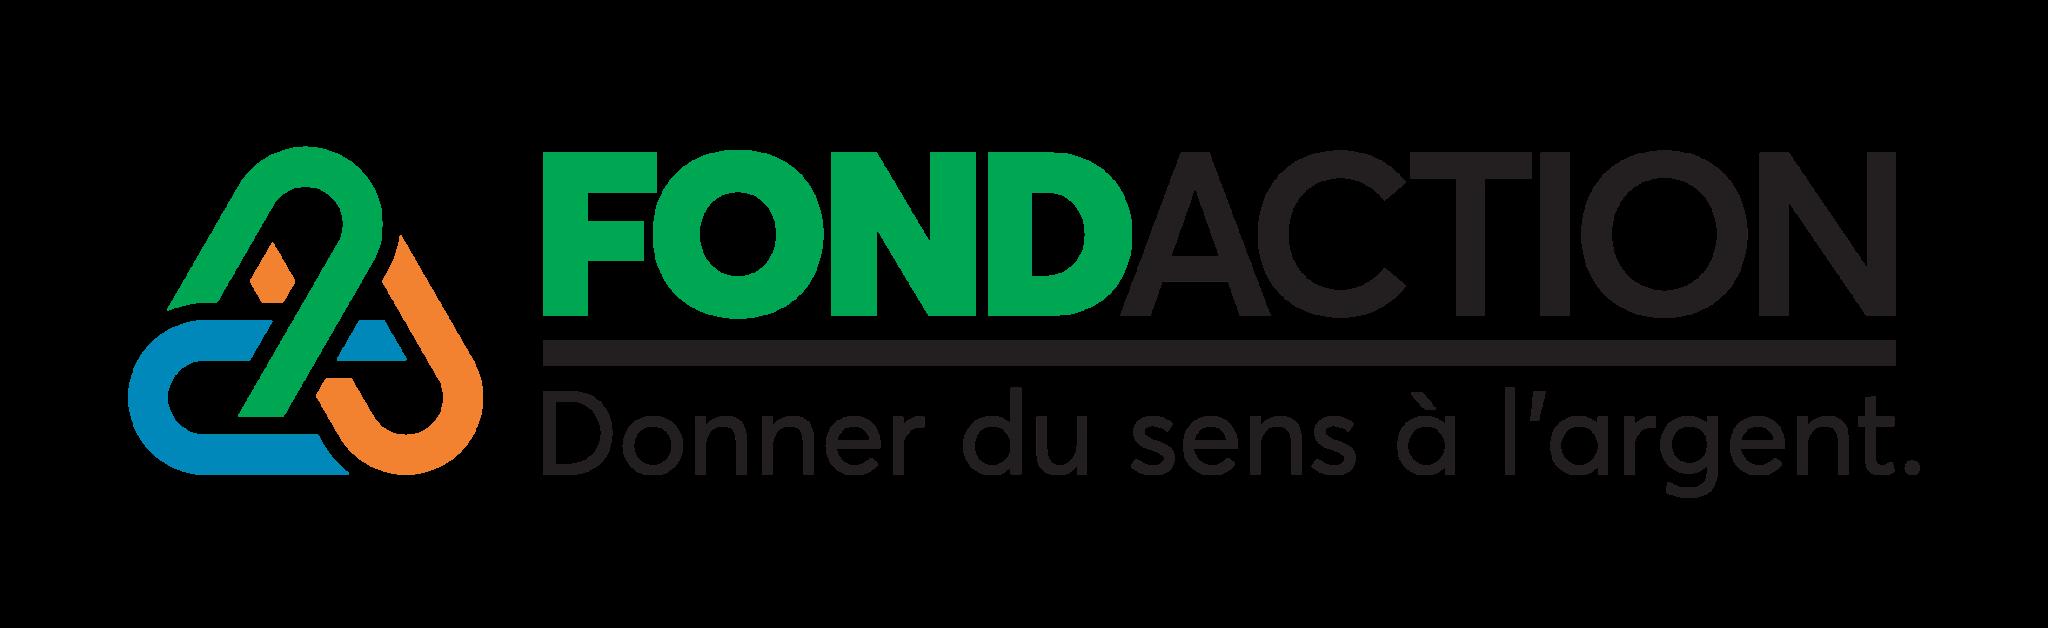 Fond d'action CSN